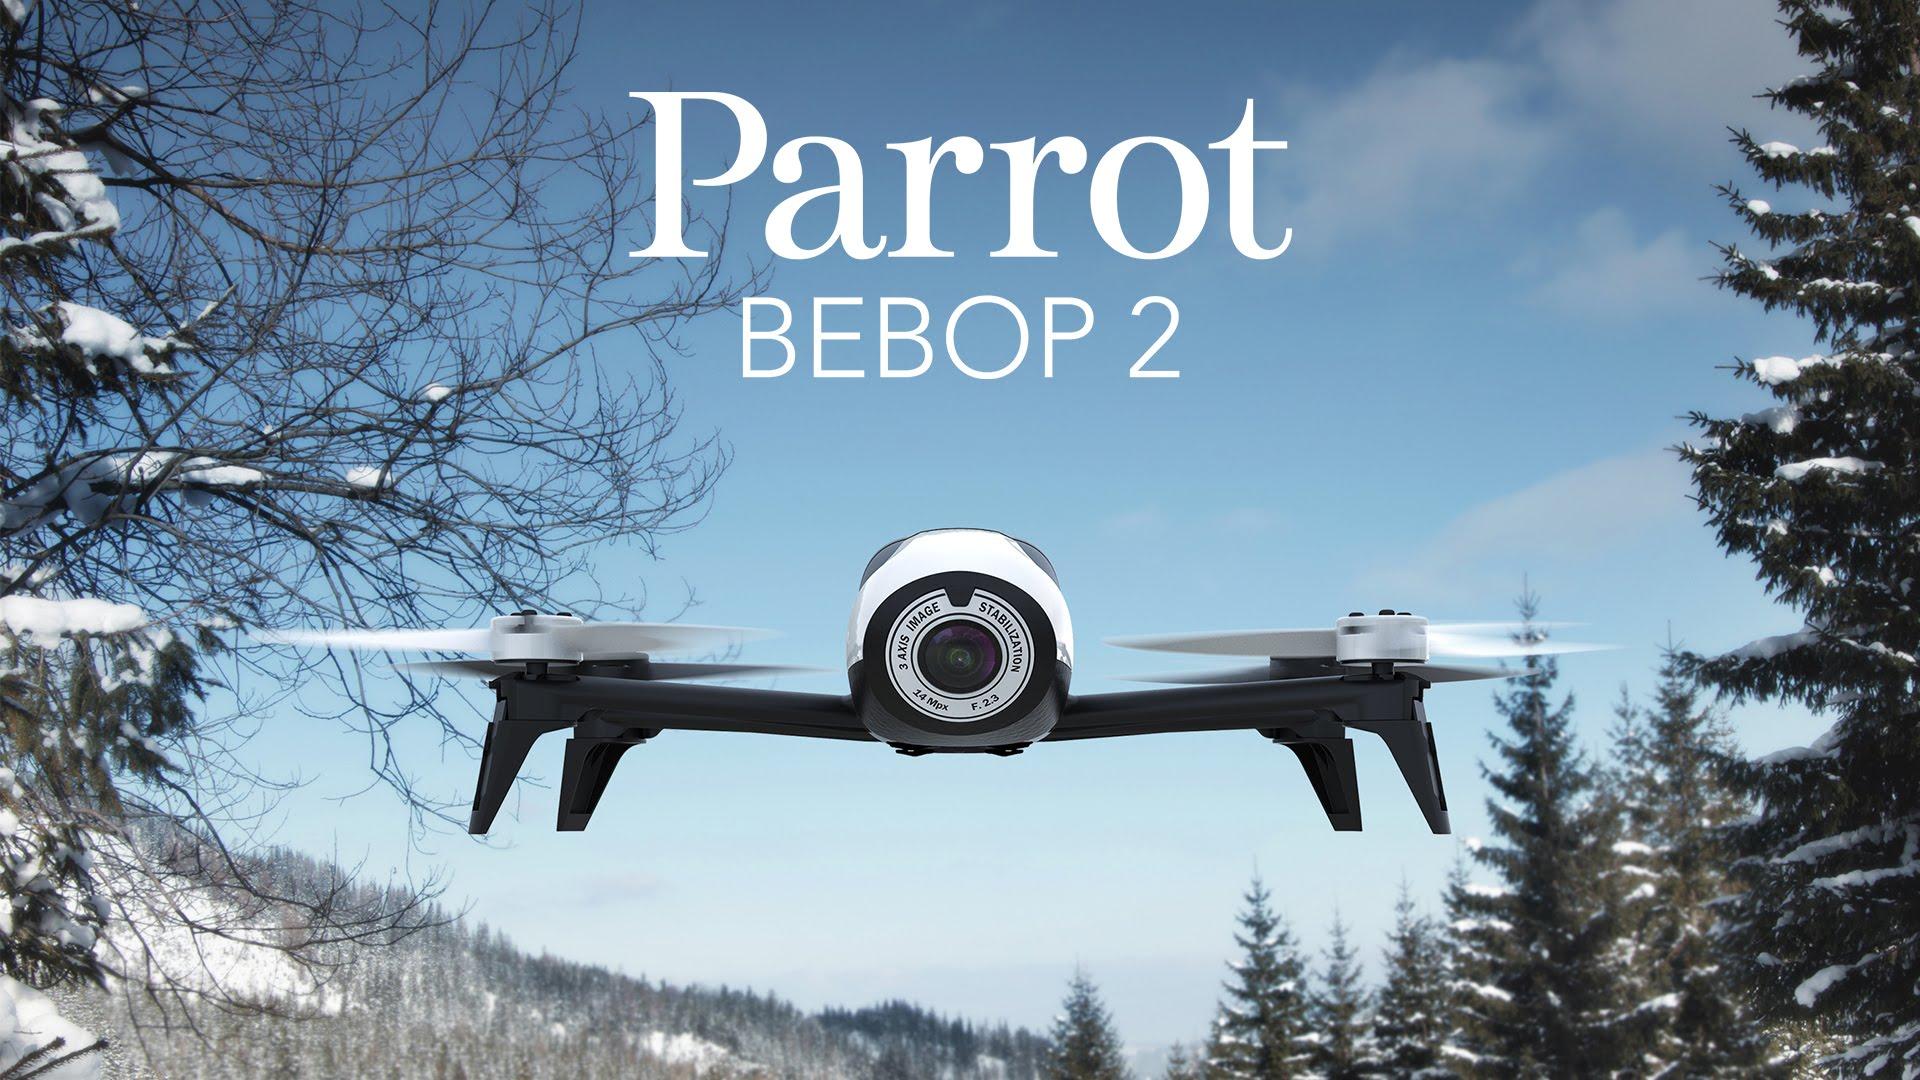 Parrot, gli sconti di Natale sui droni